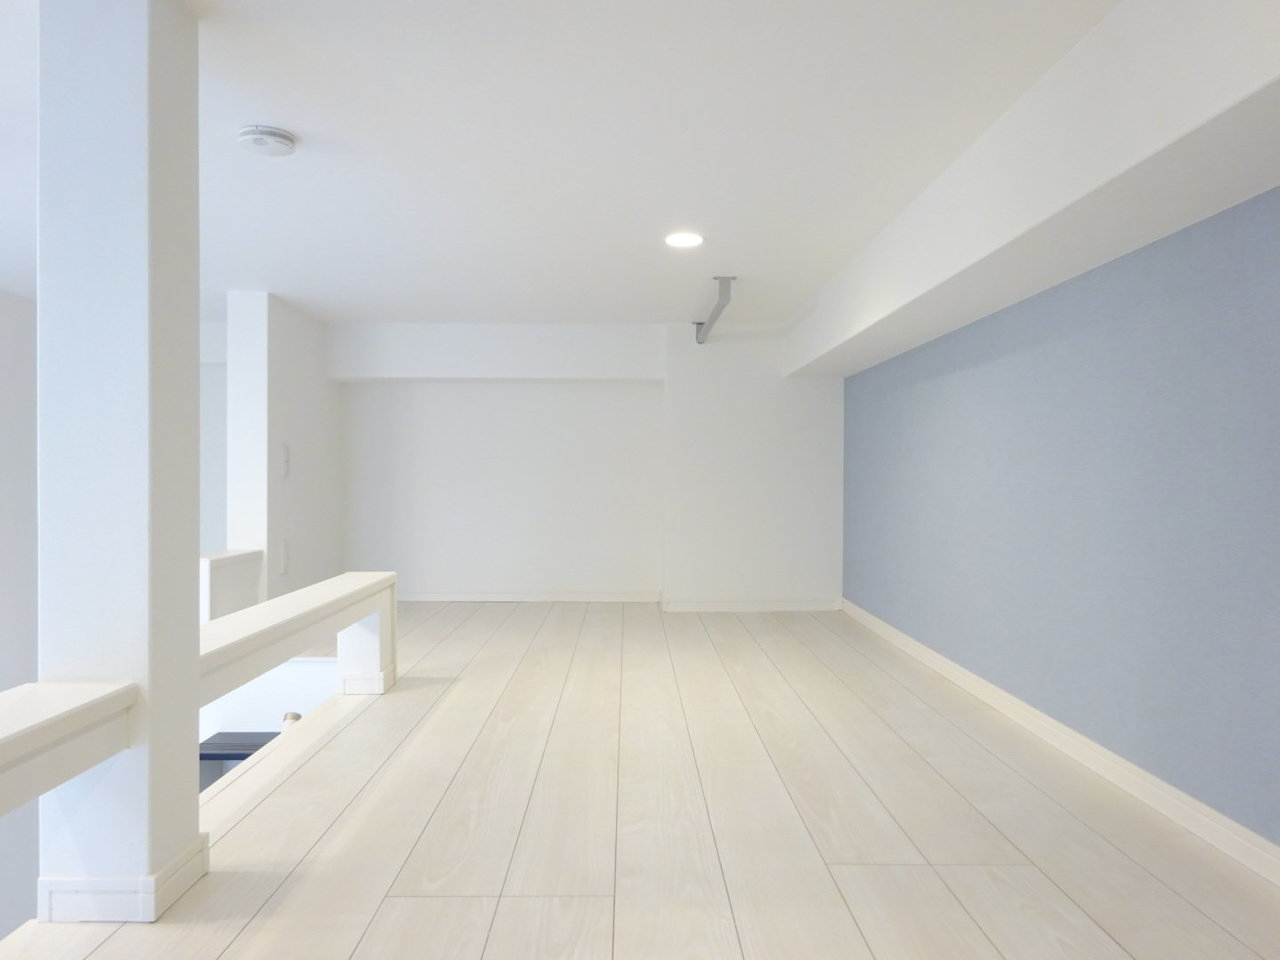 ロフトは淡いブルーの壁紙がとっても映えて素敵です。しかもここだけで6畳もあるので、寝室としてだけではなく、洋服や本など、収納スペースとしても使えそう。